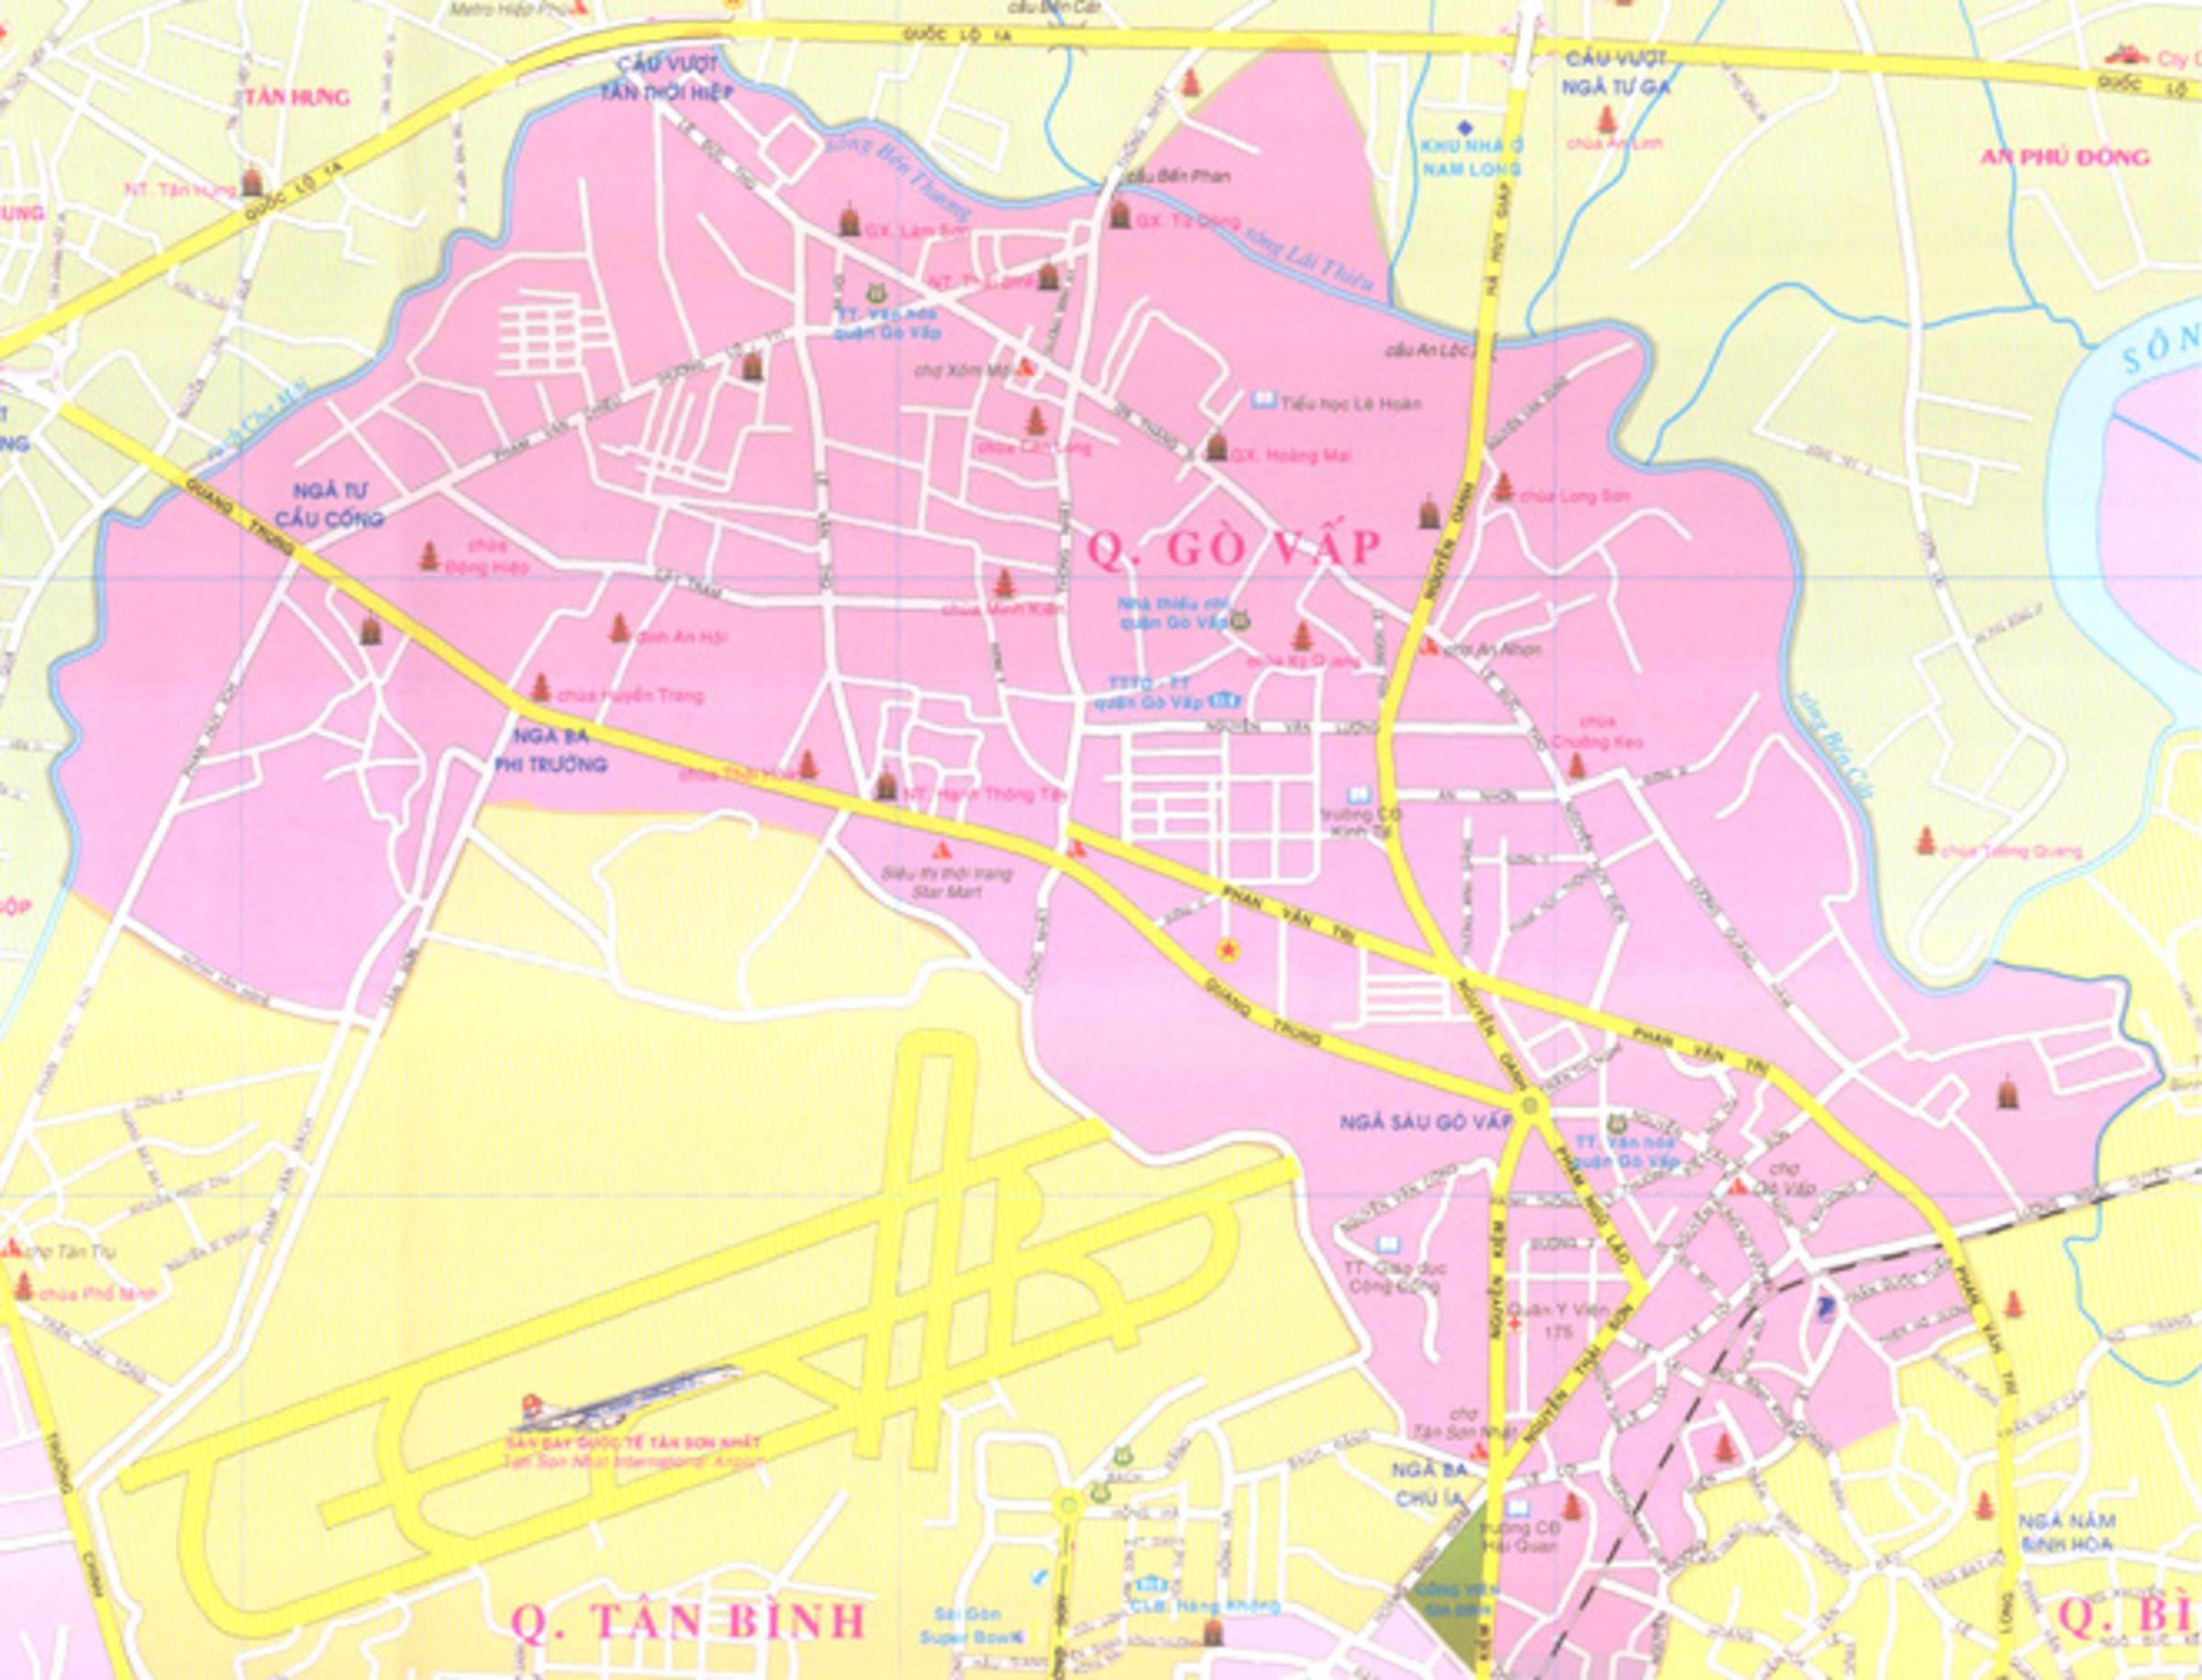 Bản đồ Quận Gò Vấp TPHCM